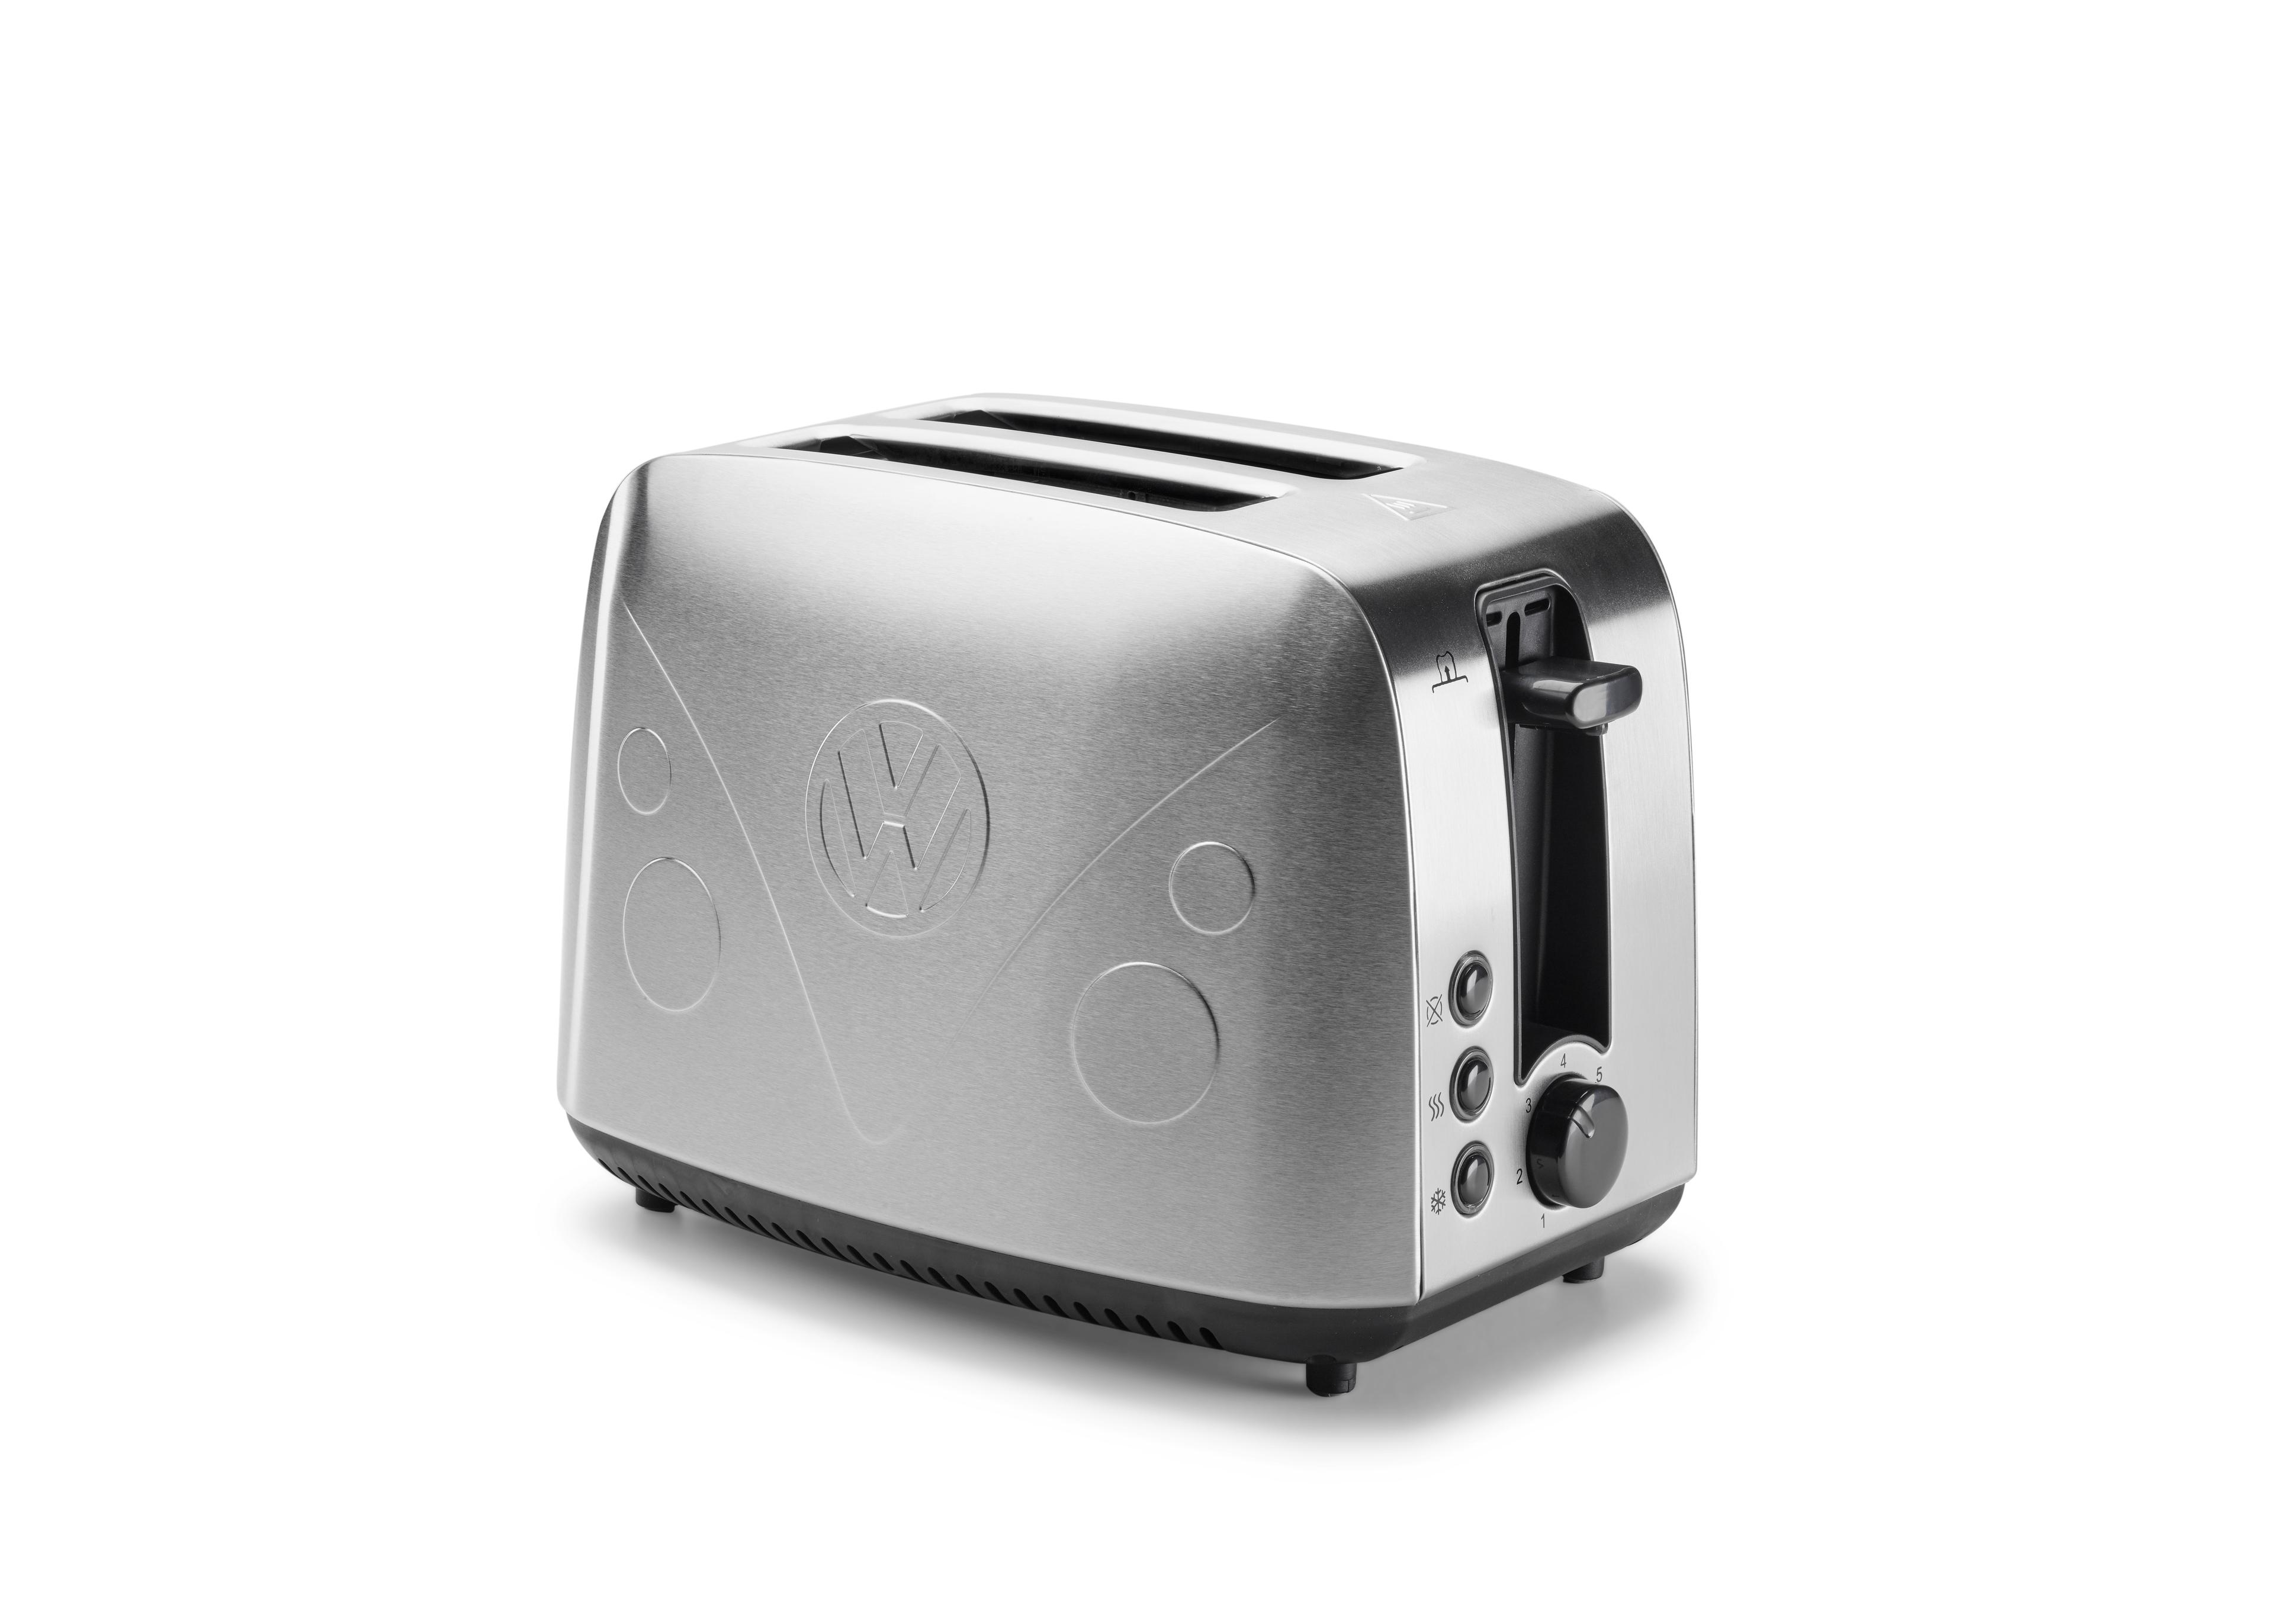 original vw bulli t1 toaster edelstahl mit r stlogo silber ebay. Black Bedroom Furniture Sets. Home Design Ideas